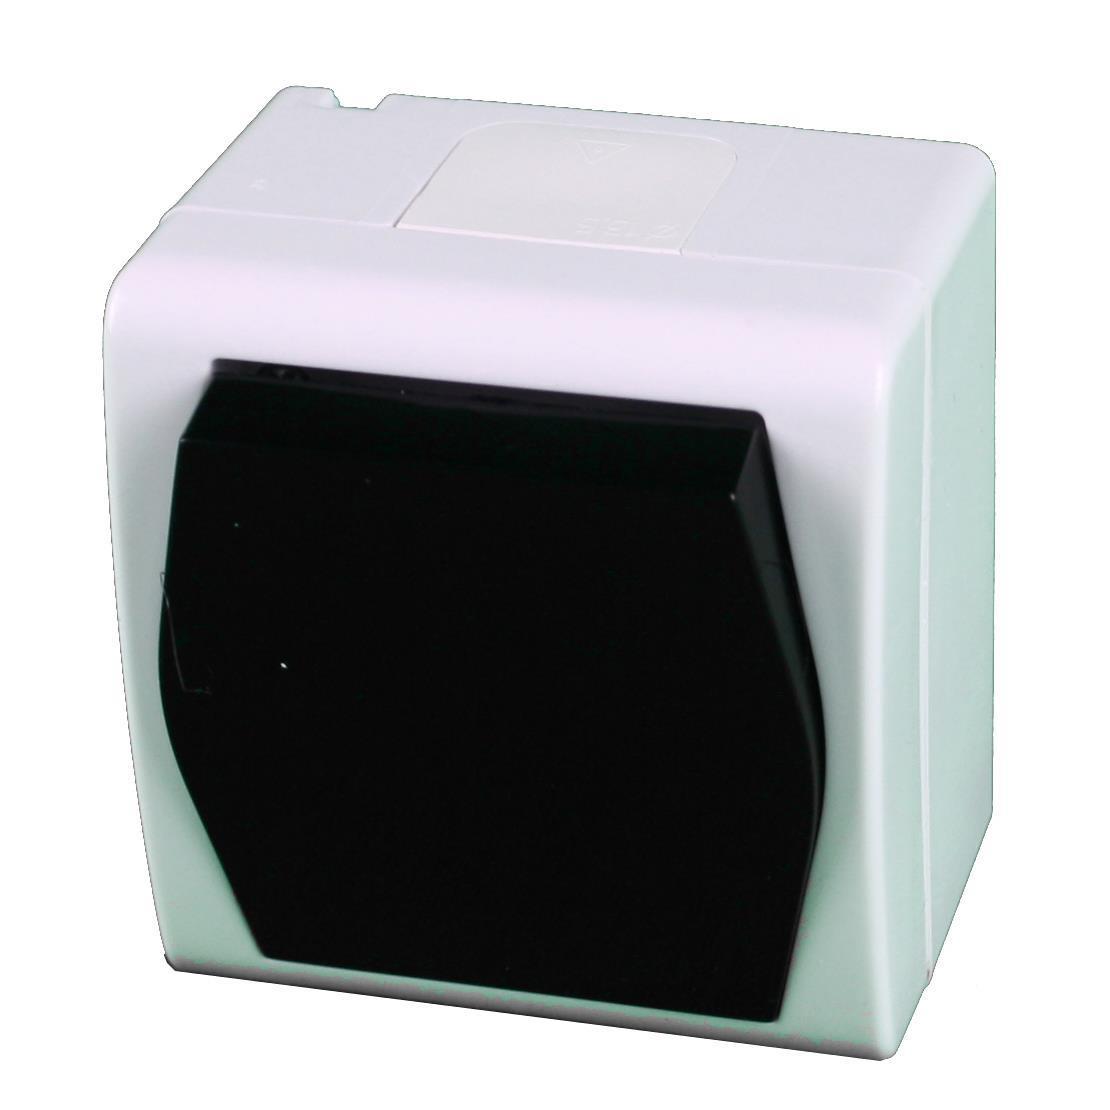 Aufputz AP Taster Licht IP44, einfach, Farbe weiß/schwarz , 10 A 230 V HERMES2,Elektro-Plast,1004-01, 5907569150861